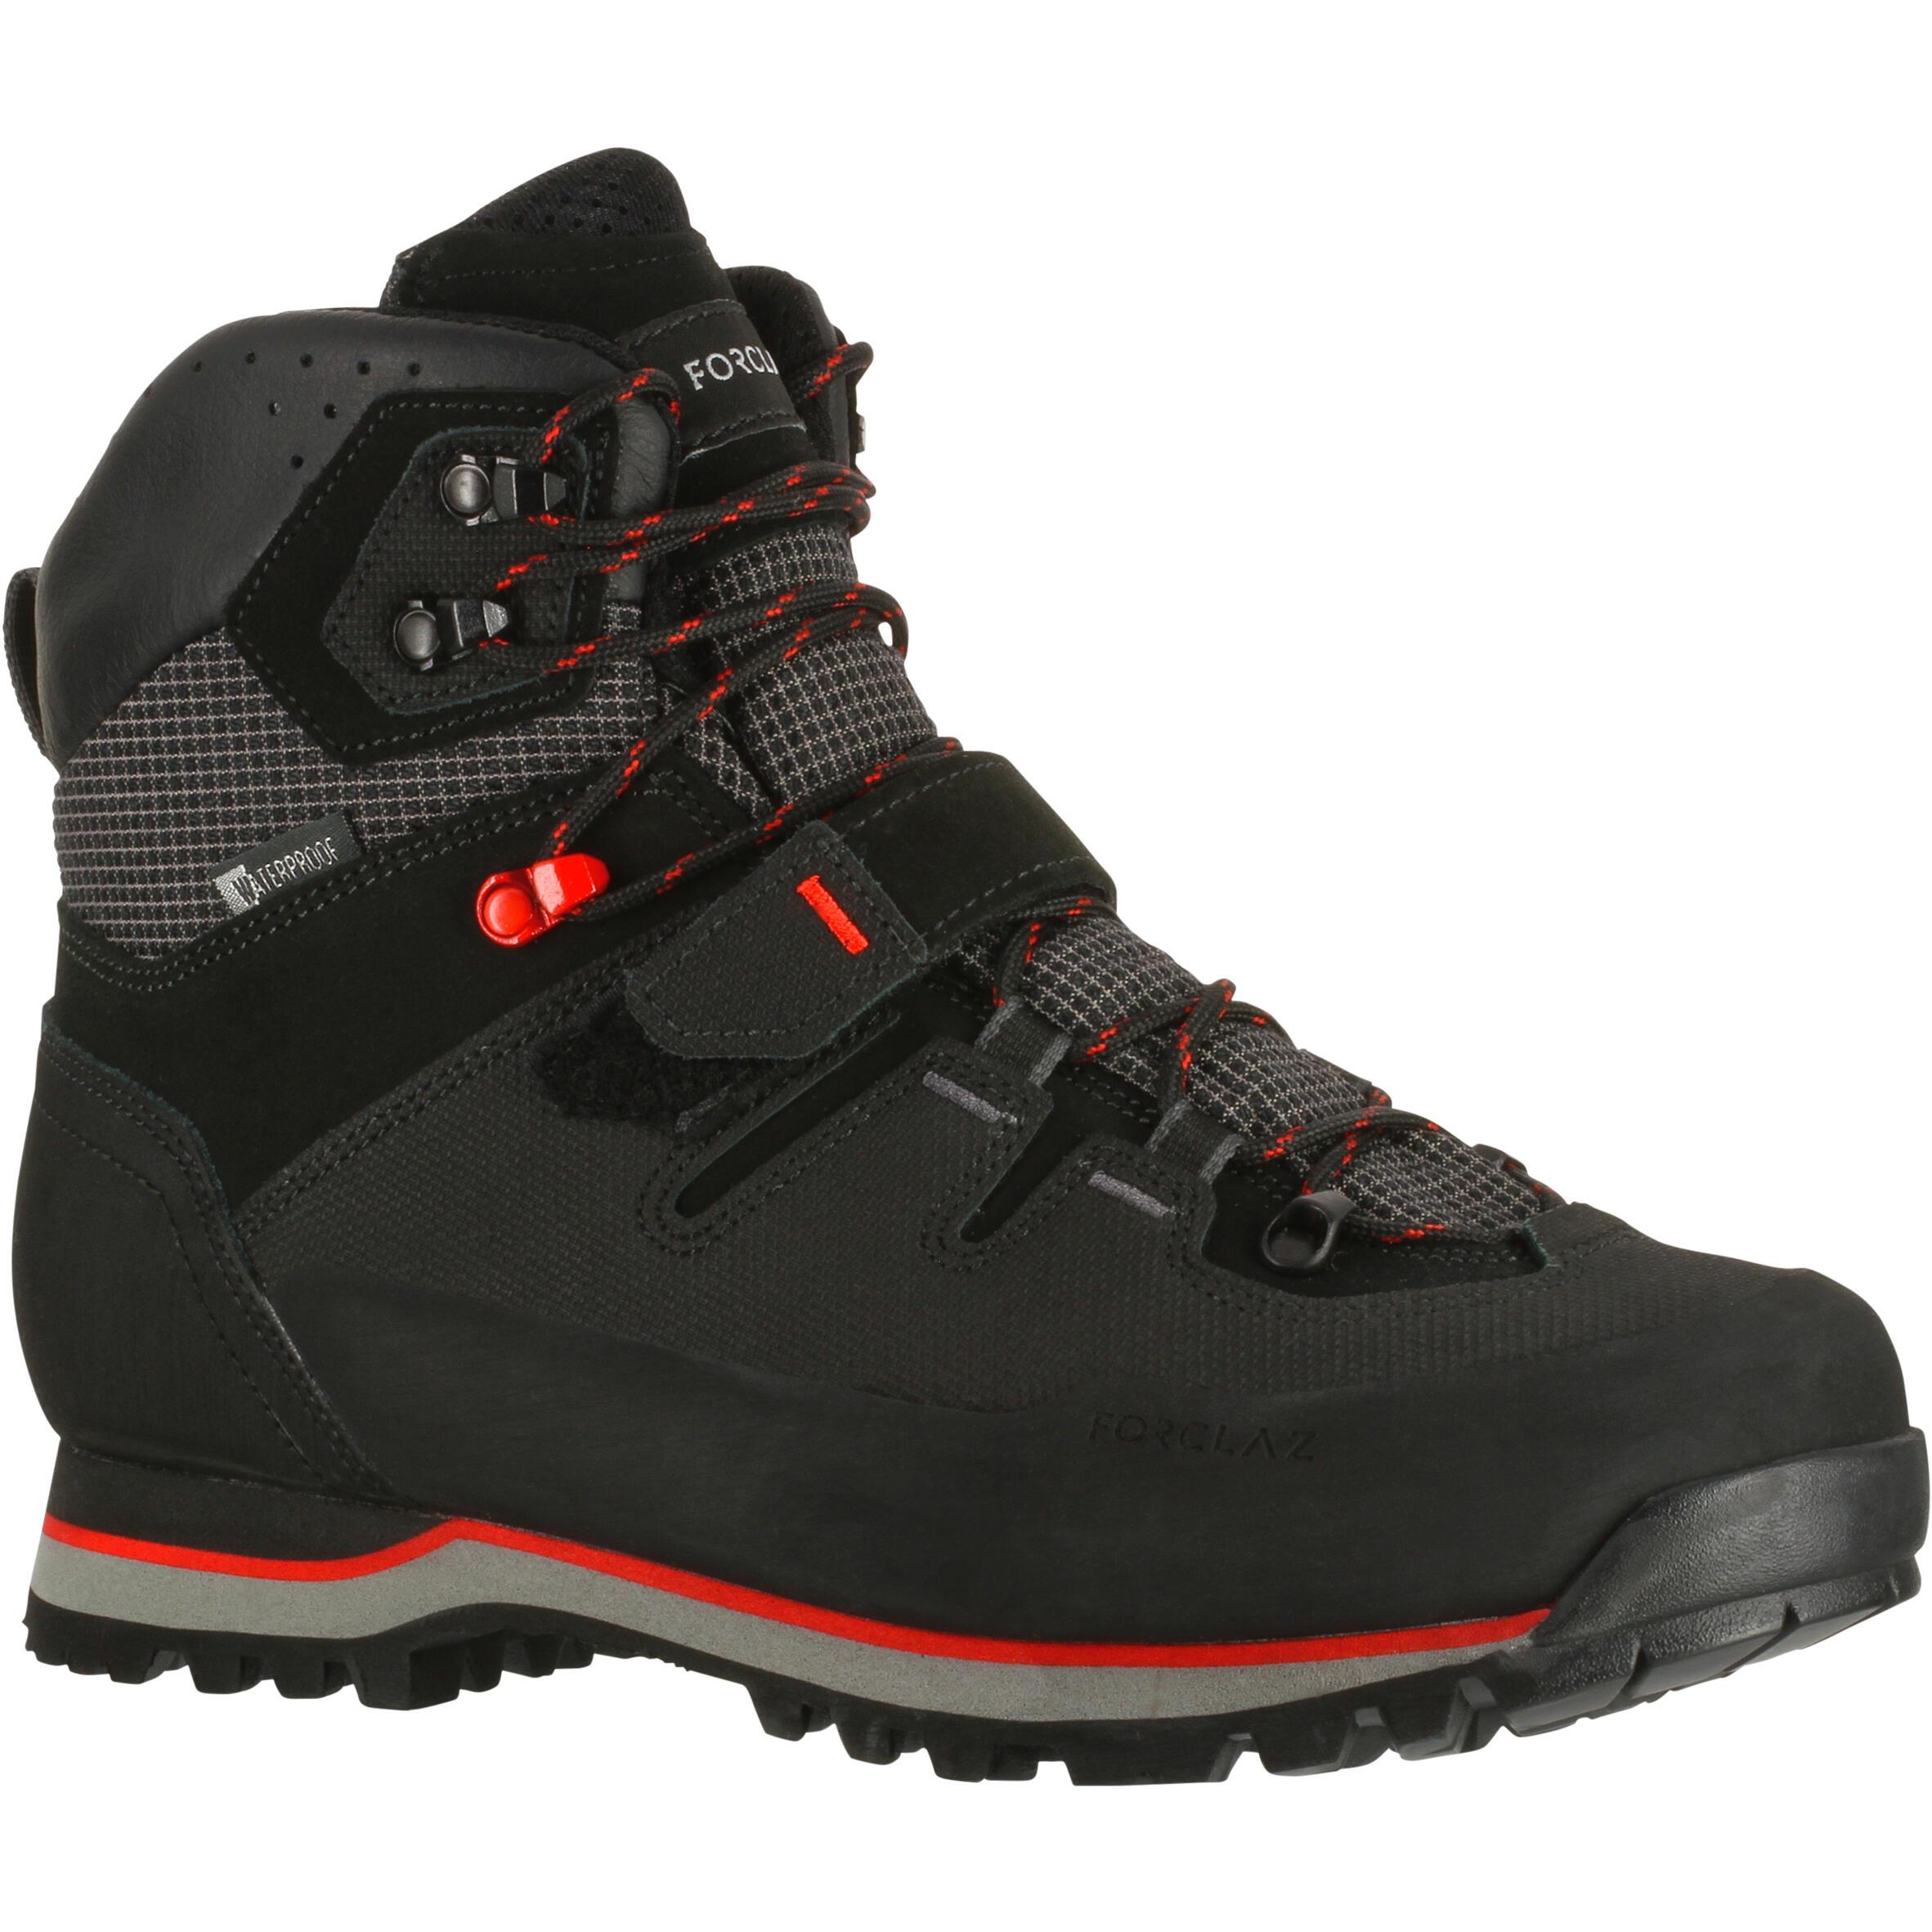 meet f2c78 96065 Comprar Botas de montaña y trekking TREK 700 hombre   Decathlon